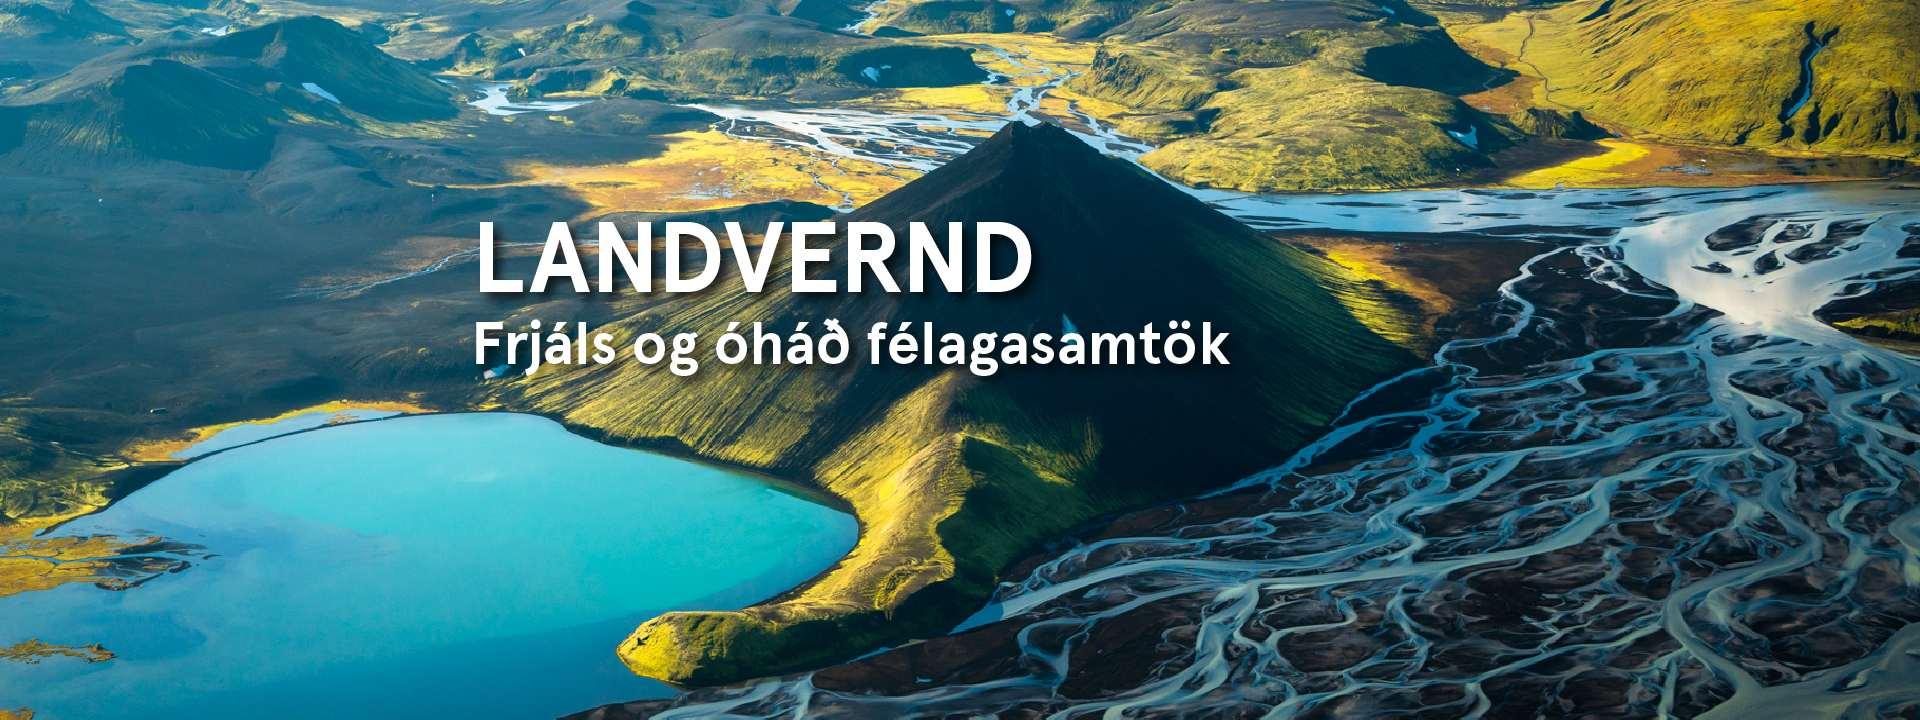 Stakihnjúkur og Tungnaá á hálendi Íslands, vestur af Vatnajökli. Landvernd.is